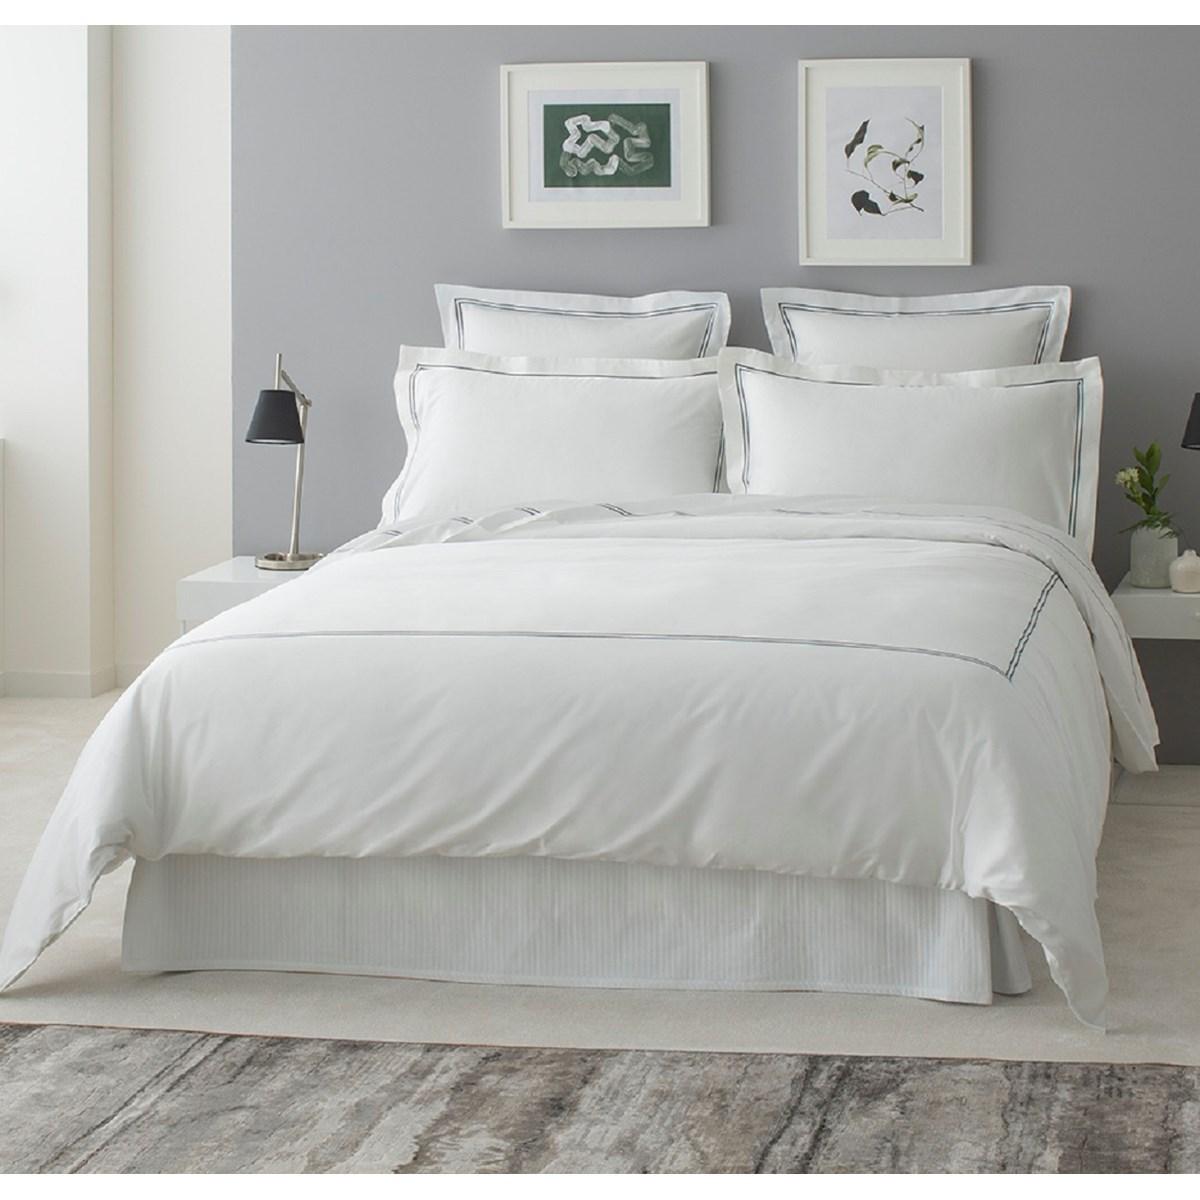 Drap plat luxe en Satin de coton Gris foncé 270x310 cm